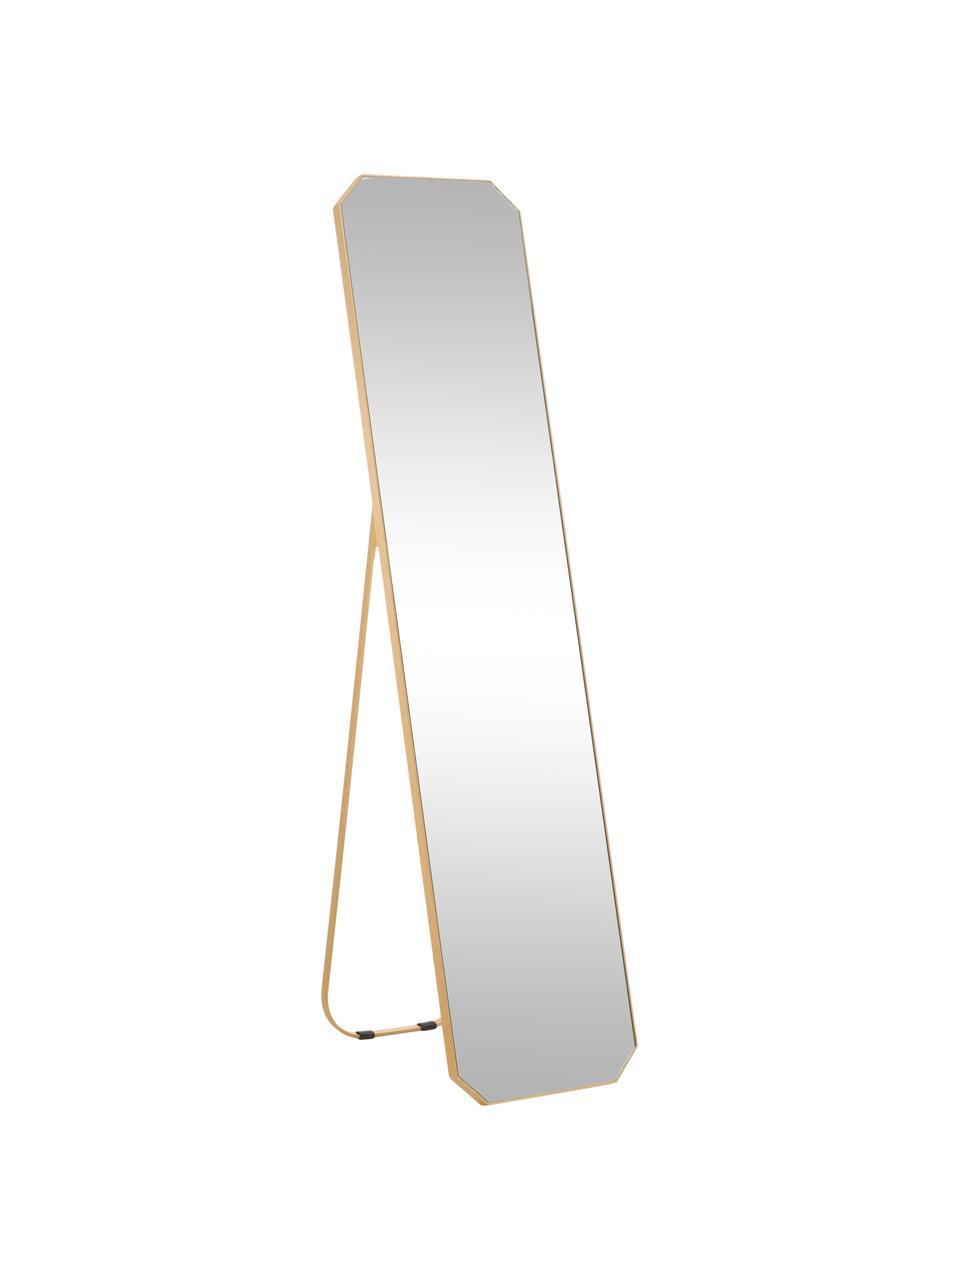 Sfoglia il catalogo online di specchi di design in promozione per arredare le pareti della vostra casa, acquista specchiere di design per arricchire ogni. Specchio Da Terra Con Cornice Dorata Bavado Westwingnow